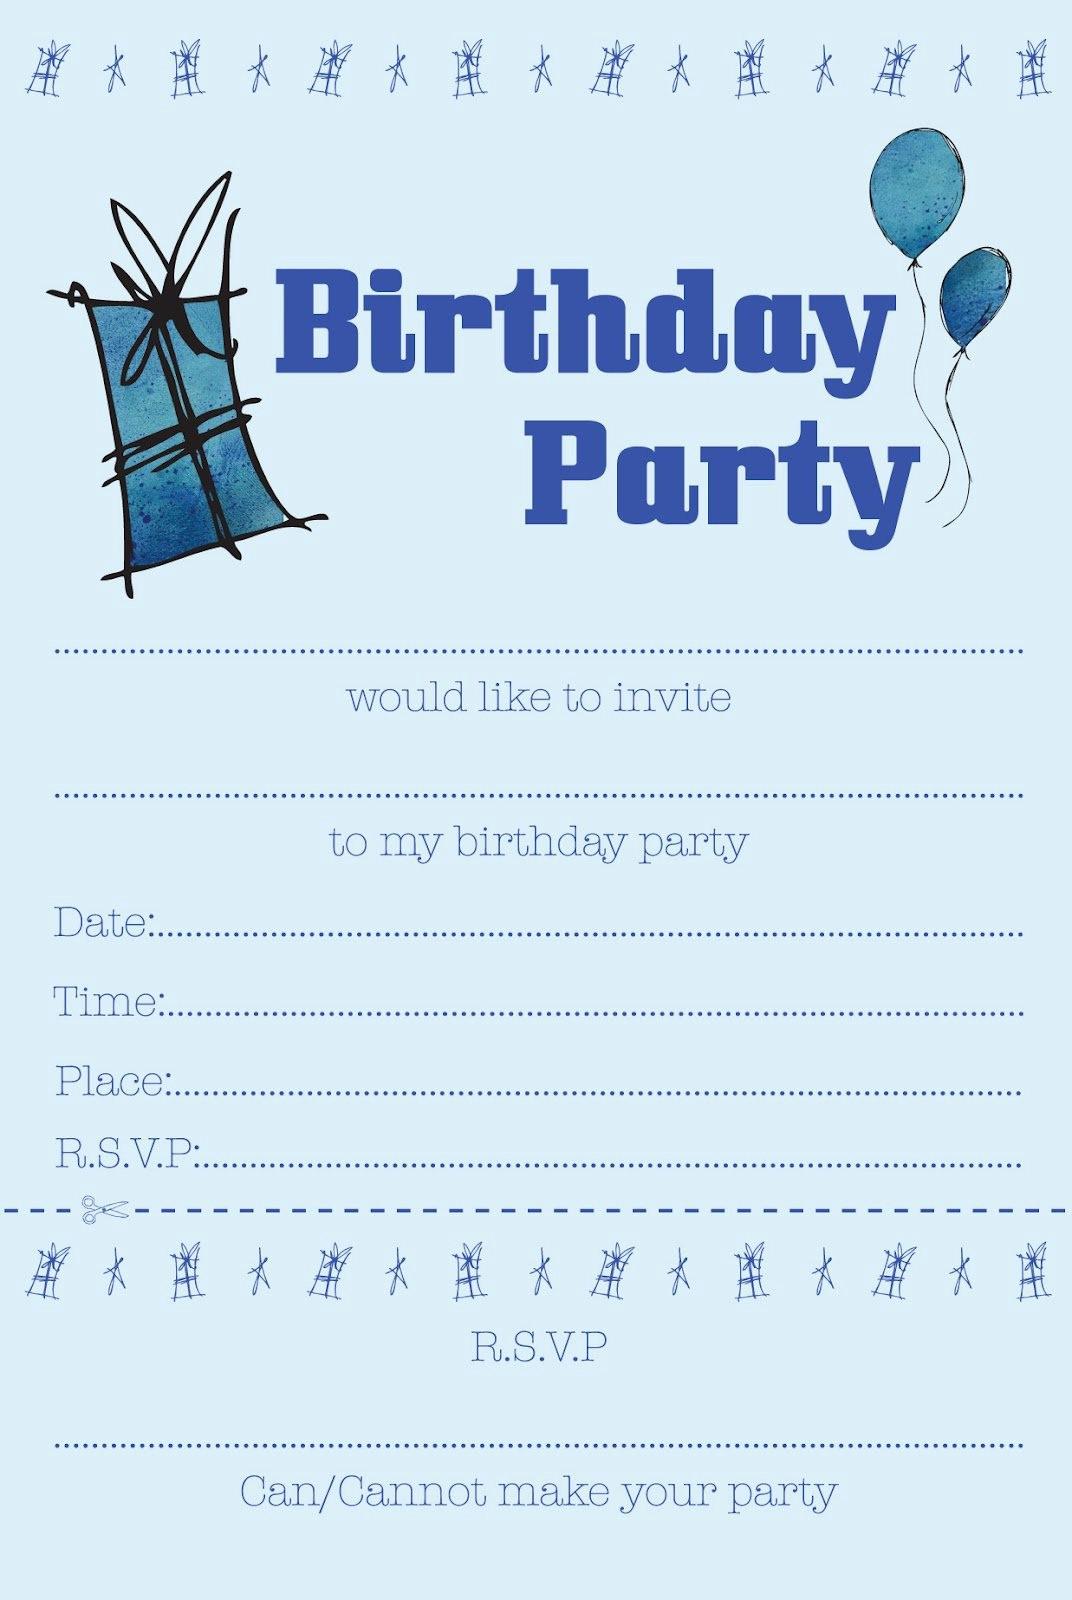 Free Templates for Birthday Invitations Unique Boys Birthday Party Invitations Free Printable